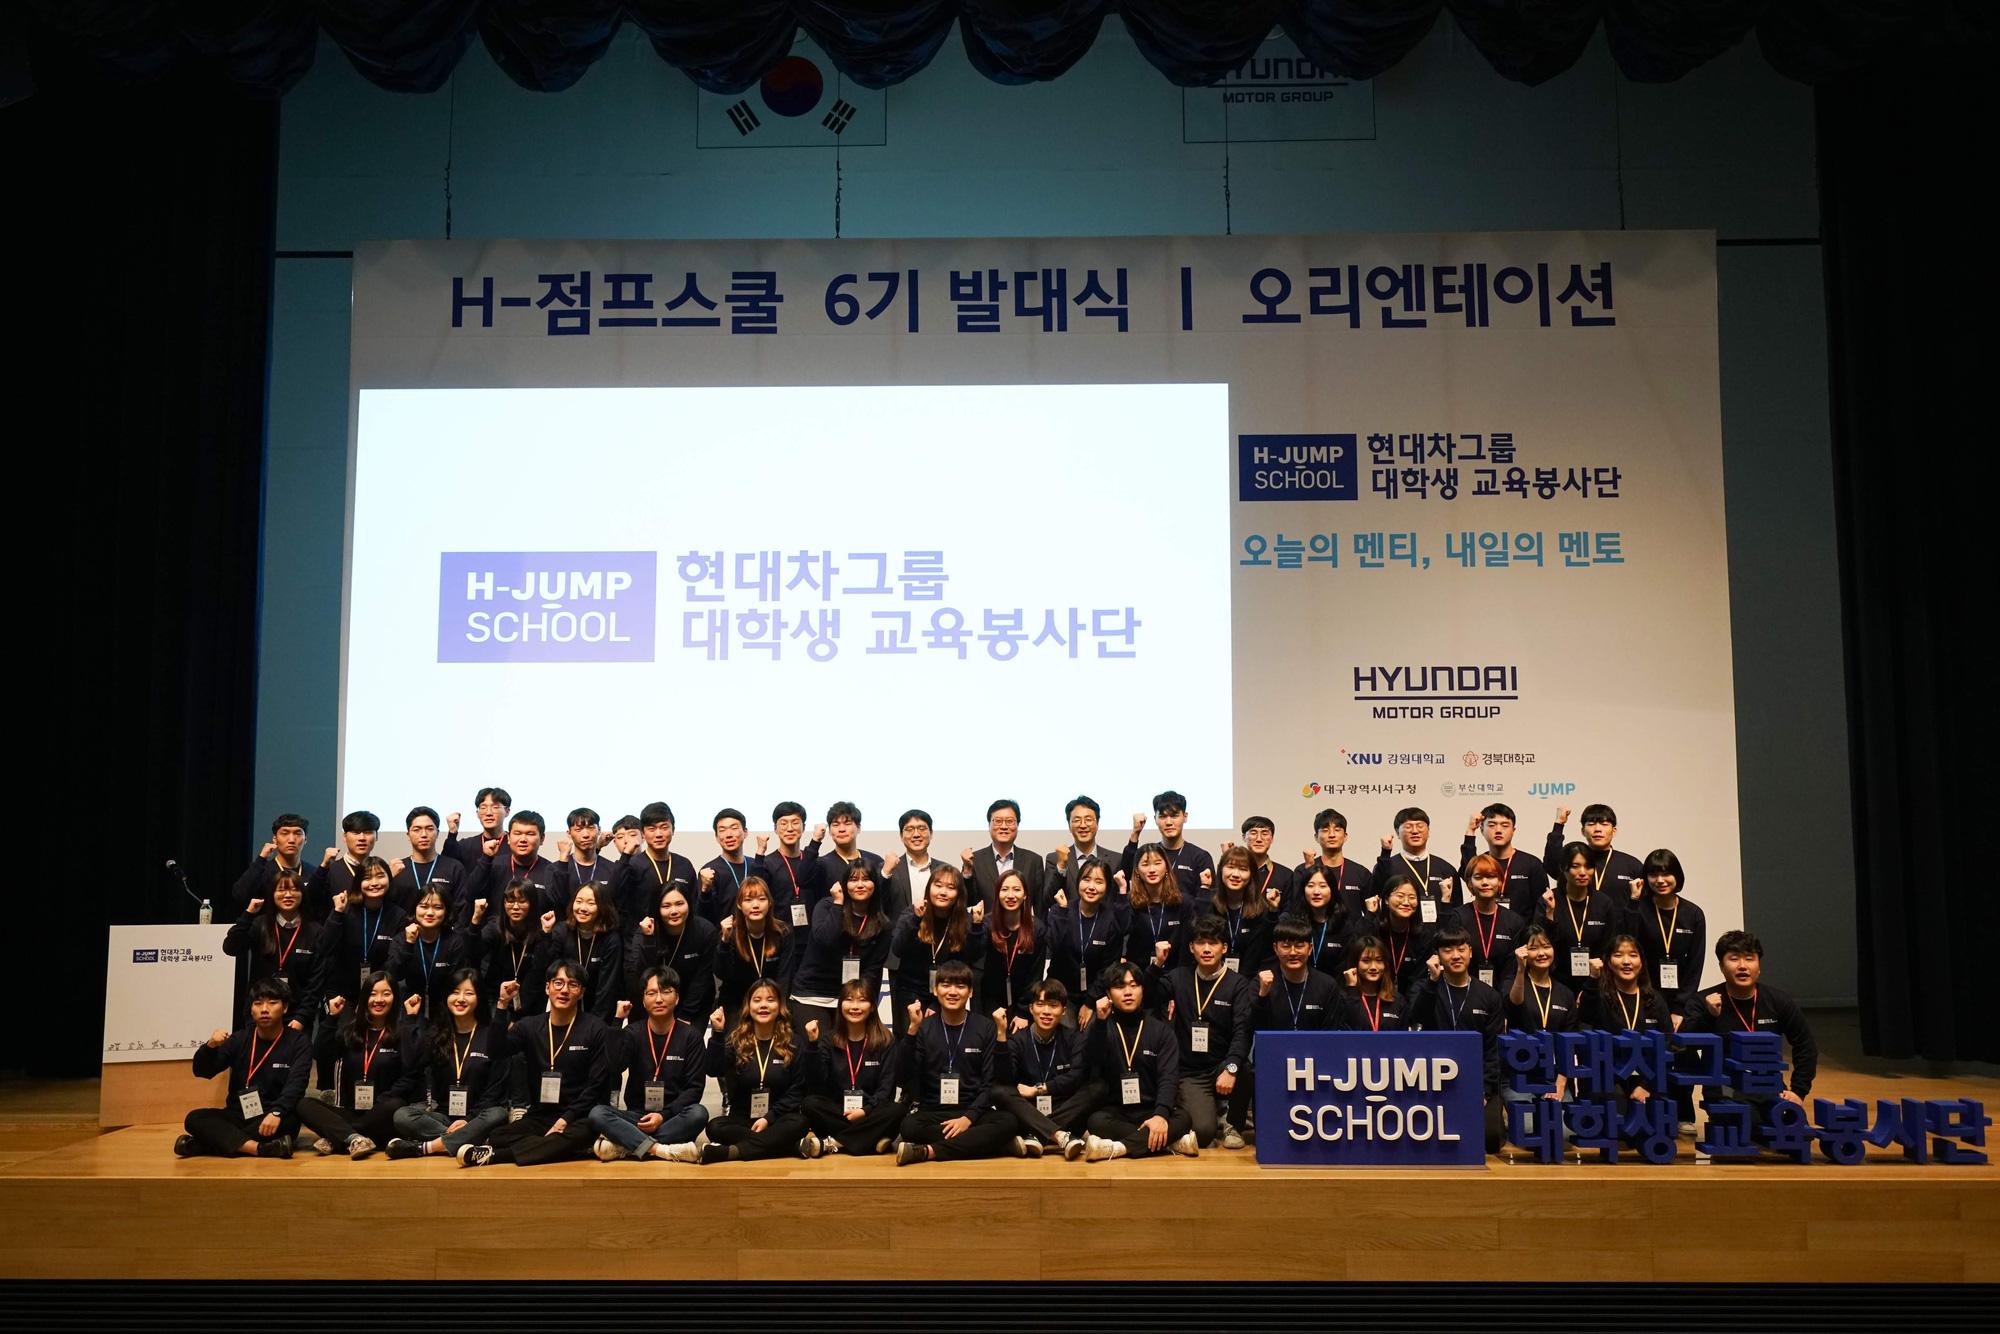 Tập đoàn ô tô Hyundai và TC MOTOR khởi động chương trìnhH-JUMP SCHOOL tại Việt Nam - Ảnh 2.